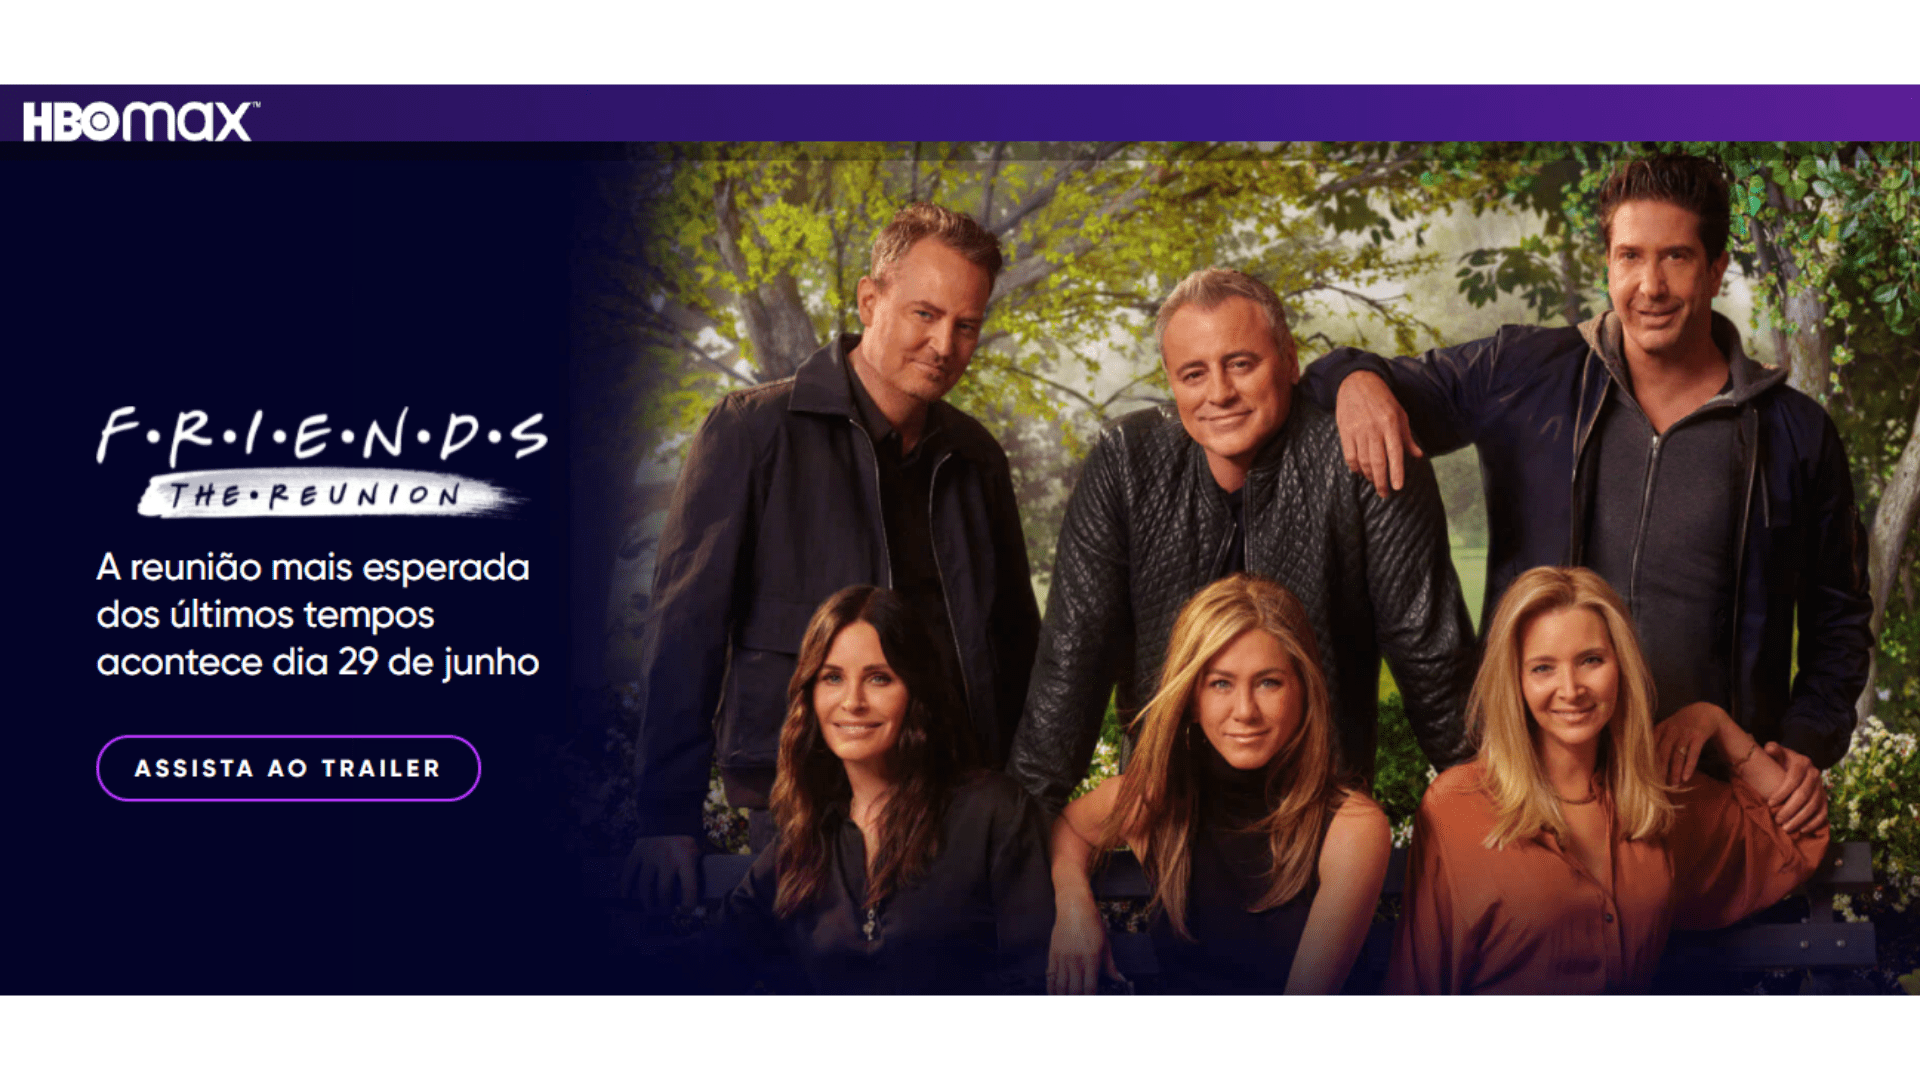 Friends Reunion: onde assistir? O especial chega ao Brasil em 29 de junho no HBO Max. (Imagem: Captura de tela/HBO Max)